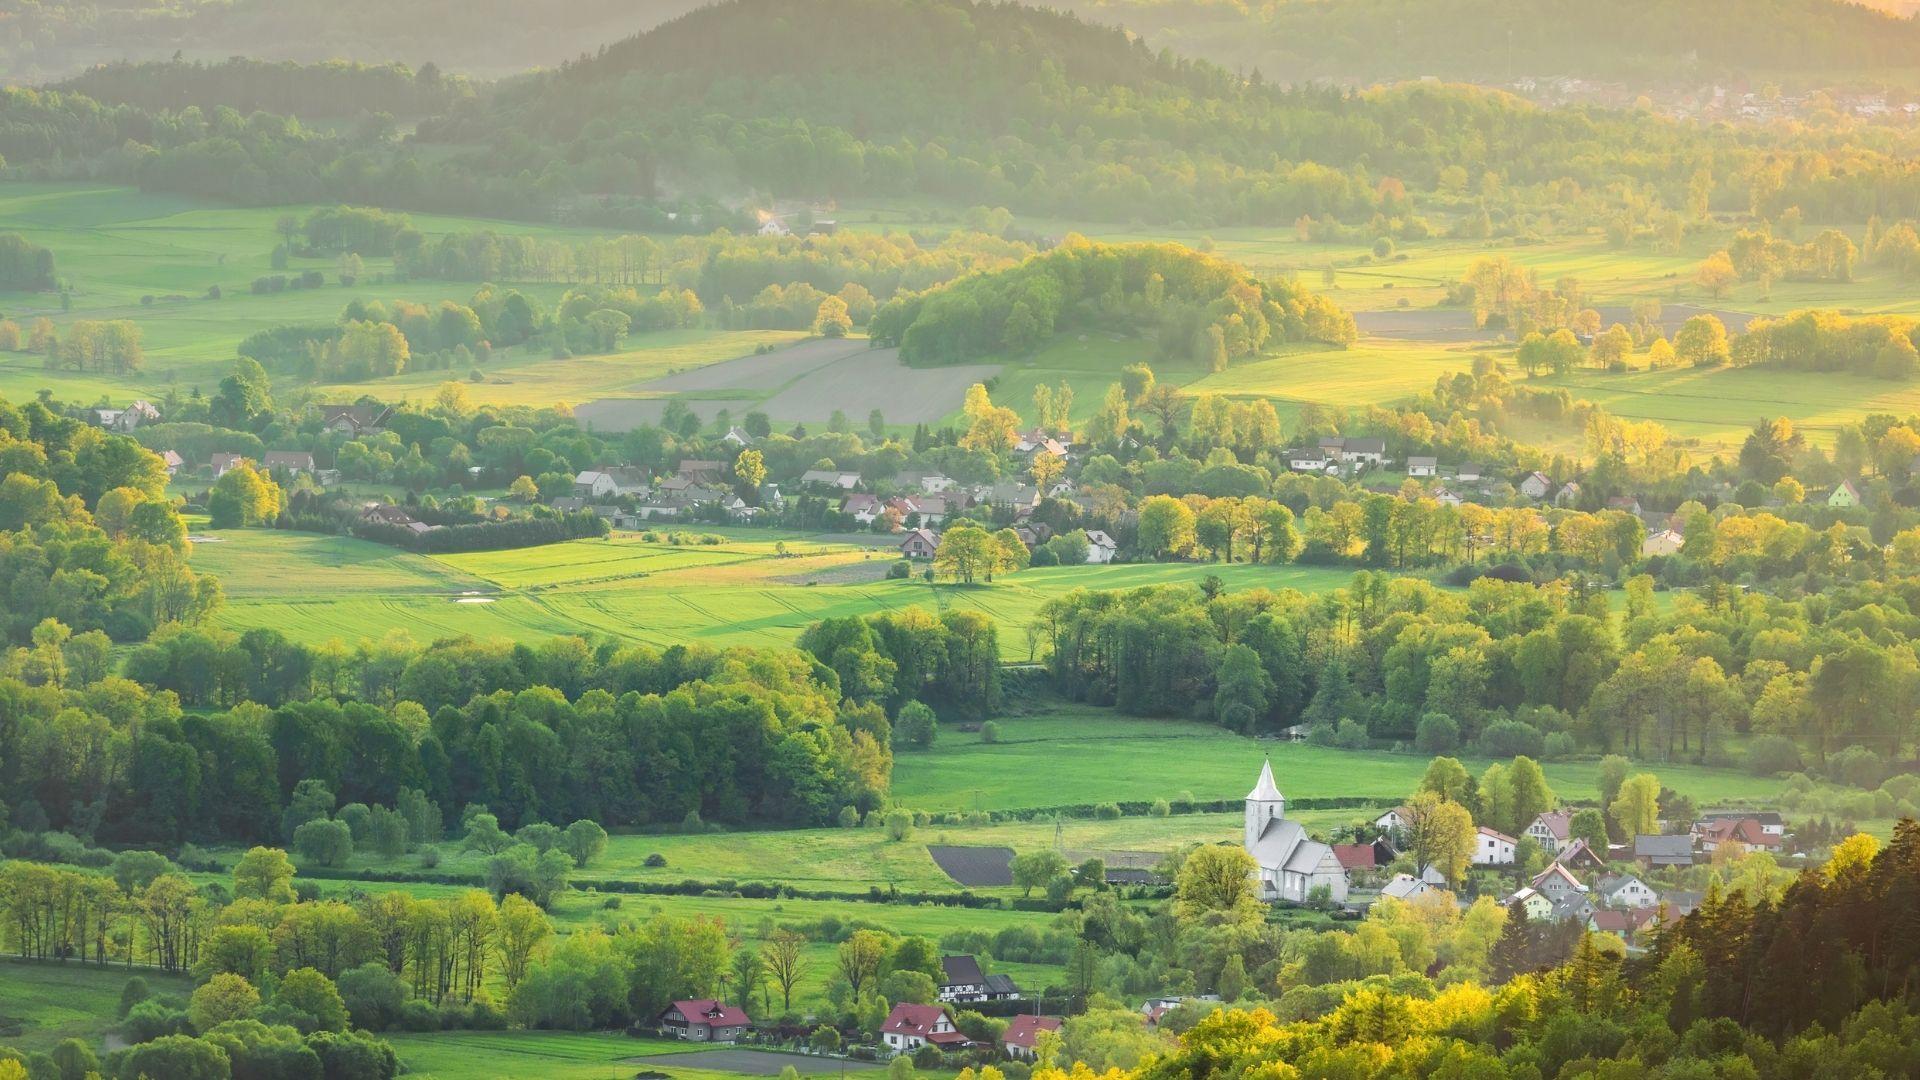 Câmeras de celular: foto de paisagem com lente teleobjetiva (Foto: Shutterstock)